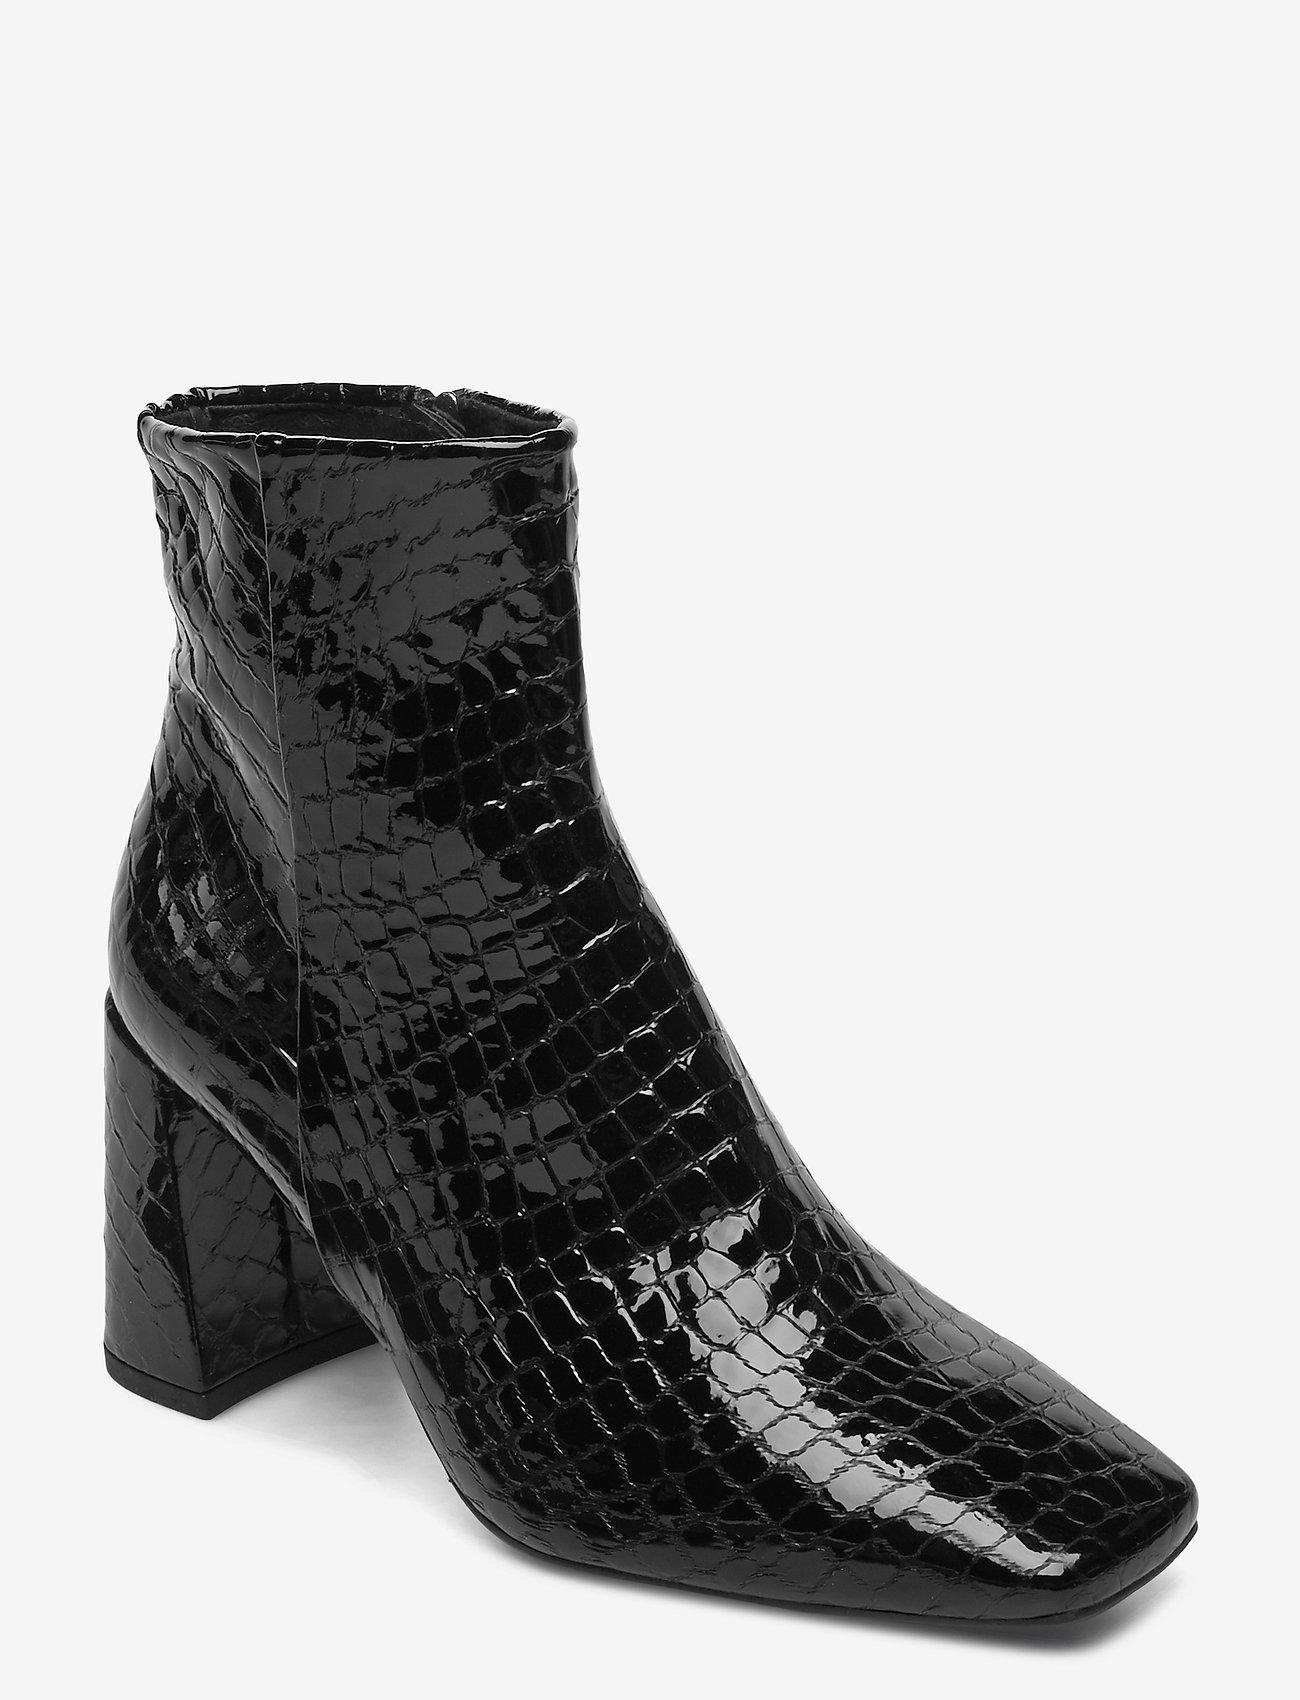 Booties 5120 (Black Croco Patent 210 Z) (2799 kr) Billi Bi